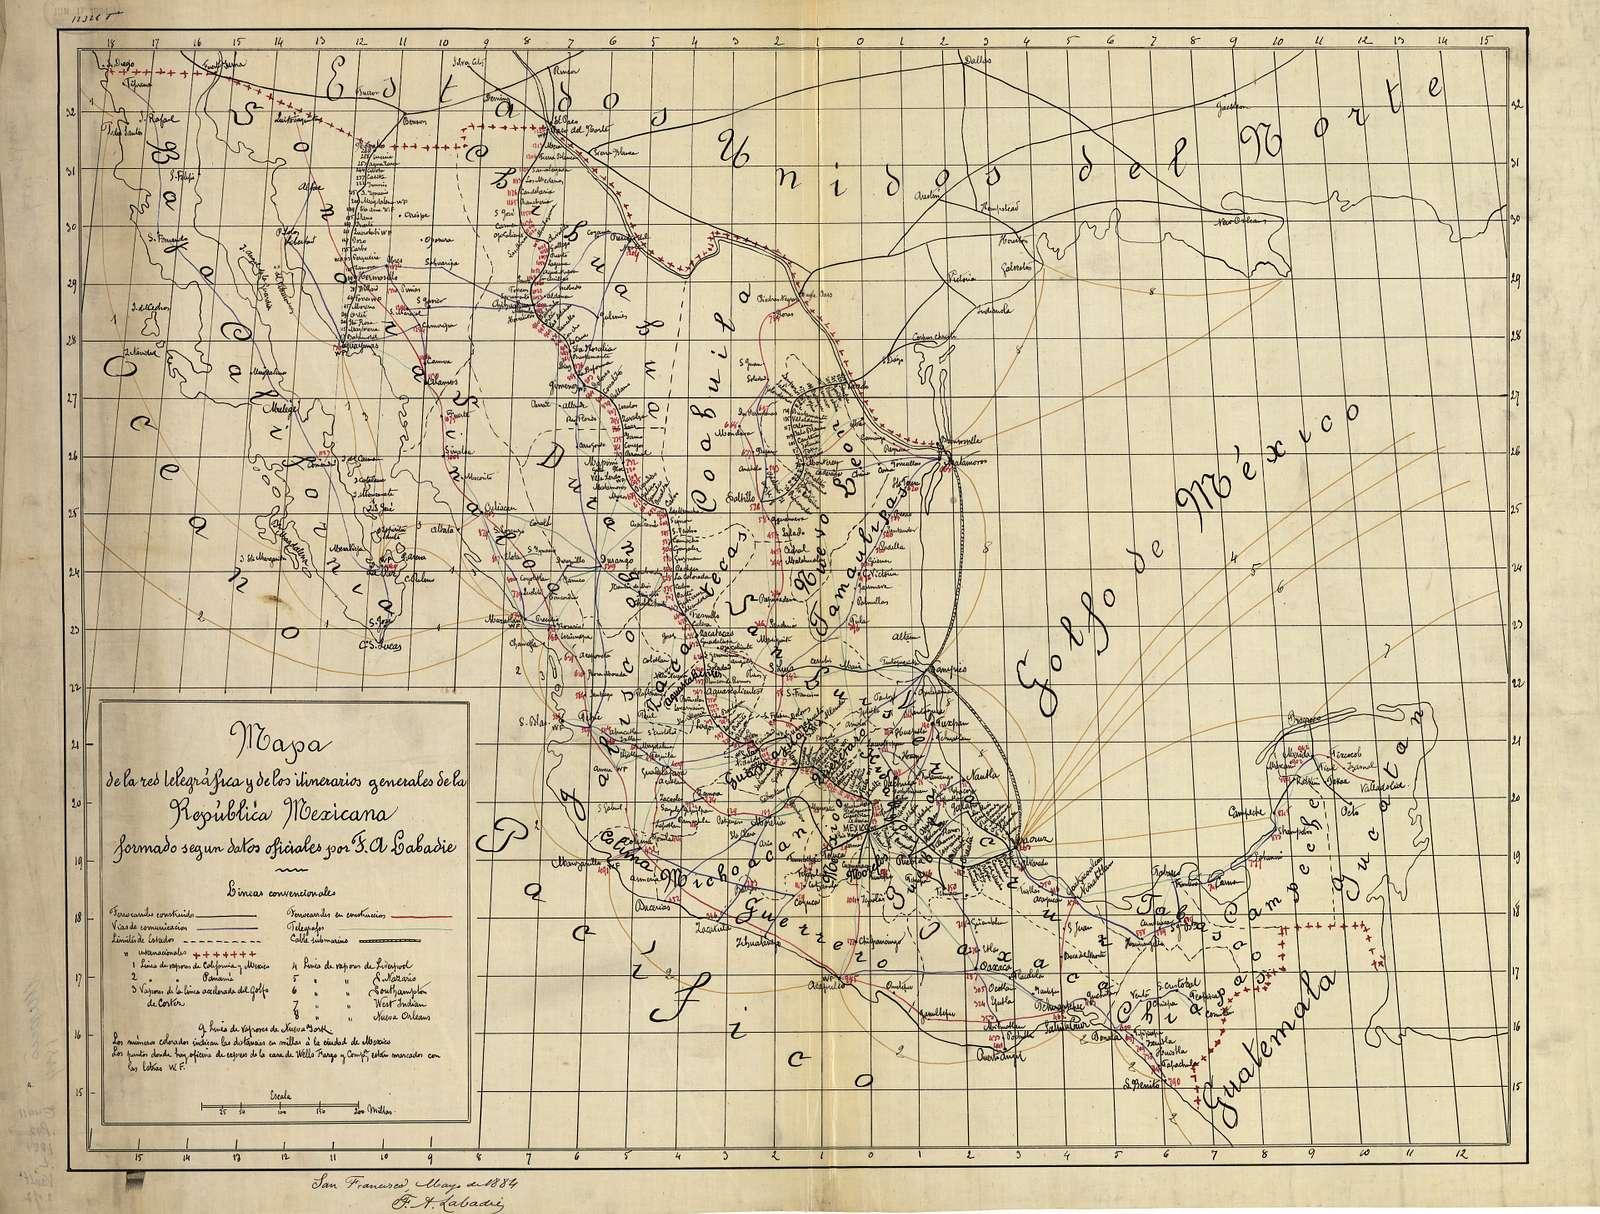 Mapa de la red telegráfica y de los itinerarios generales de la República Mexicana : formado segun datos officiales /